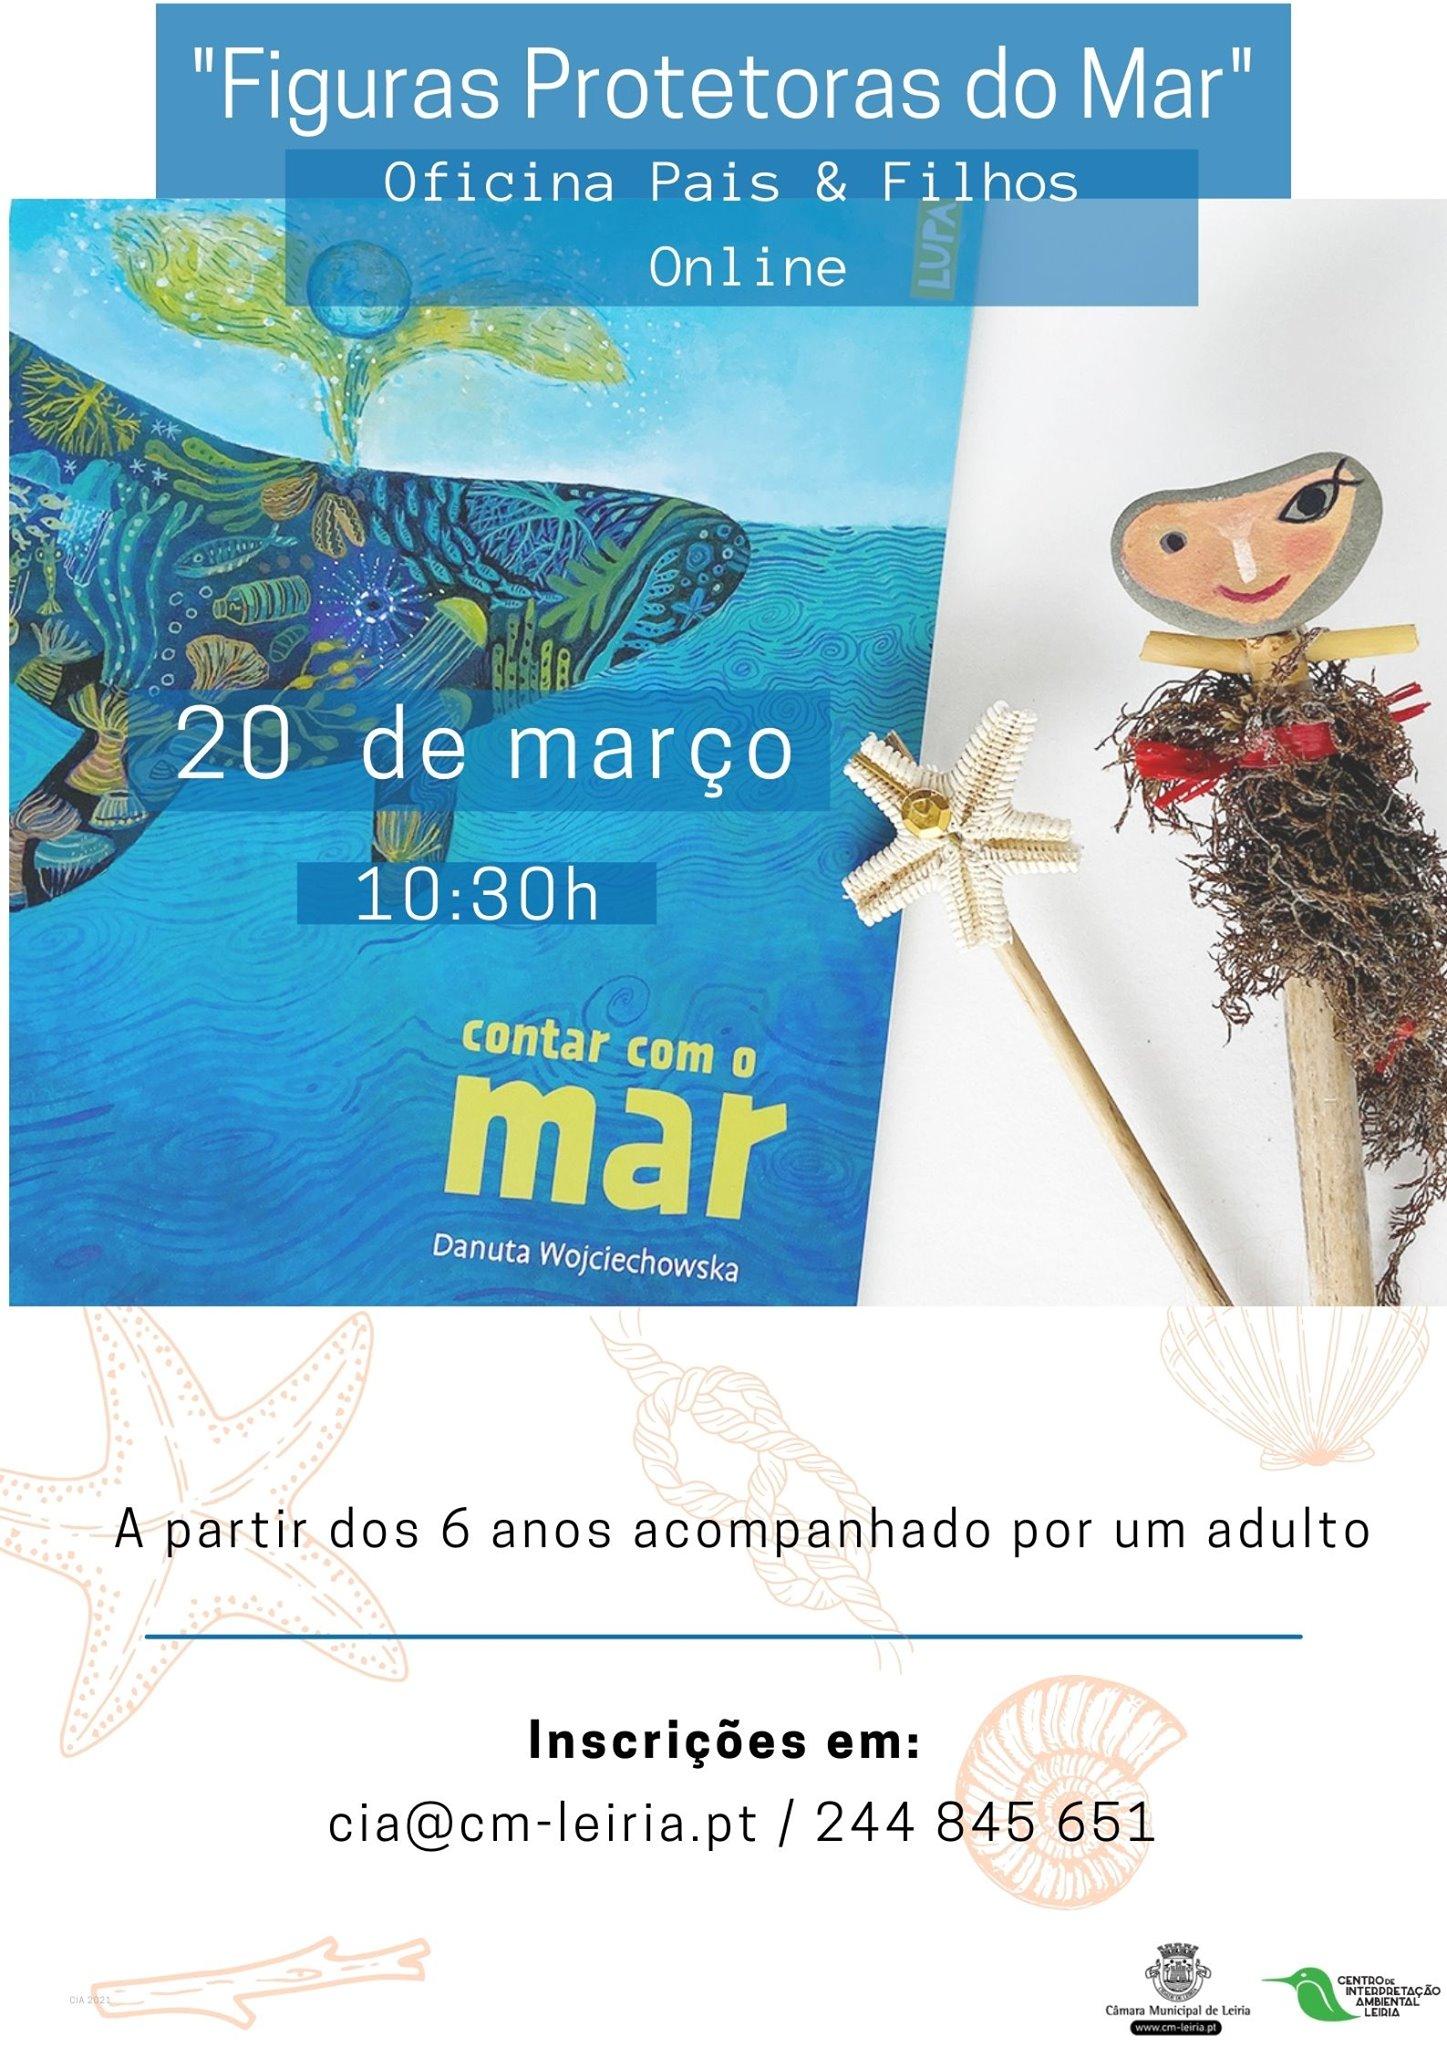 'Figuras protetoras do Mar' - Oficina Pais & Filhos